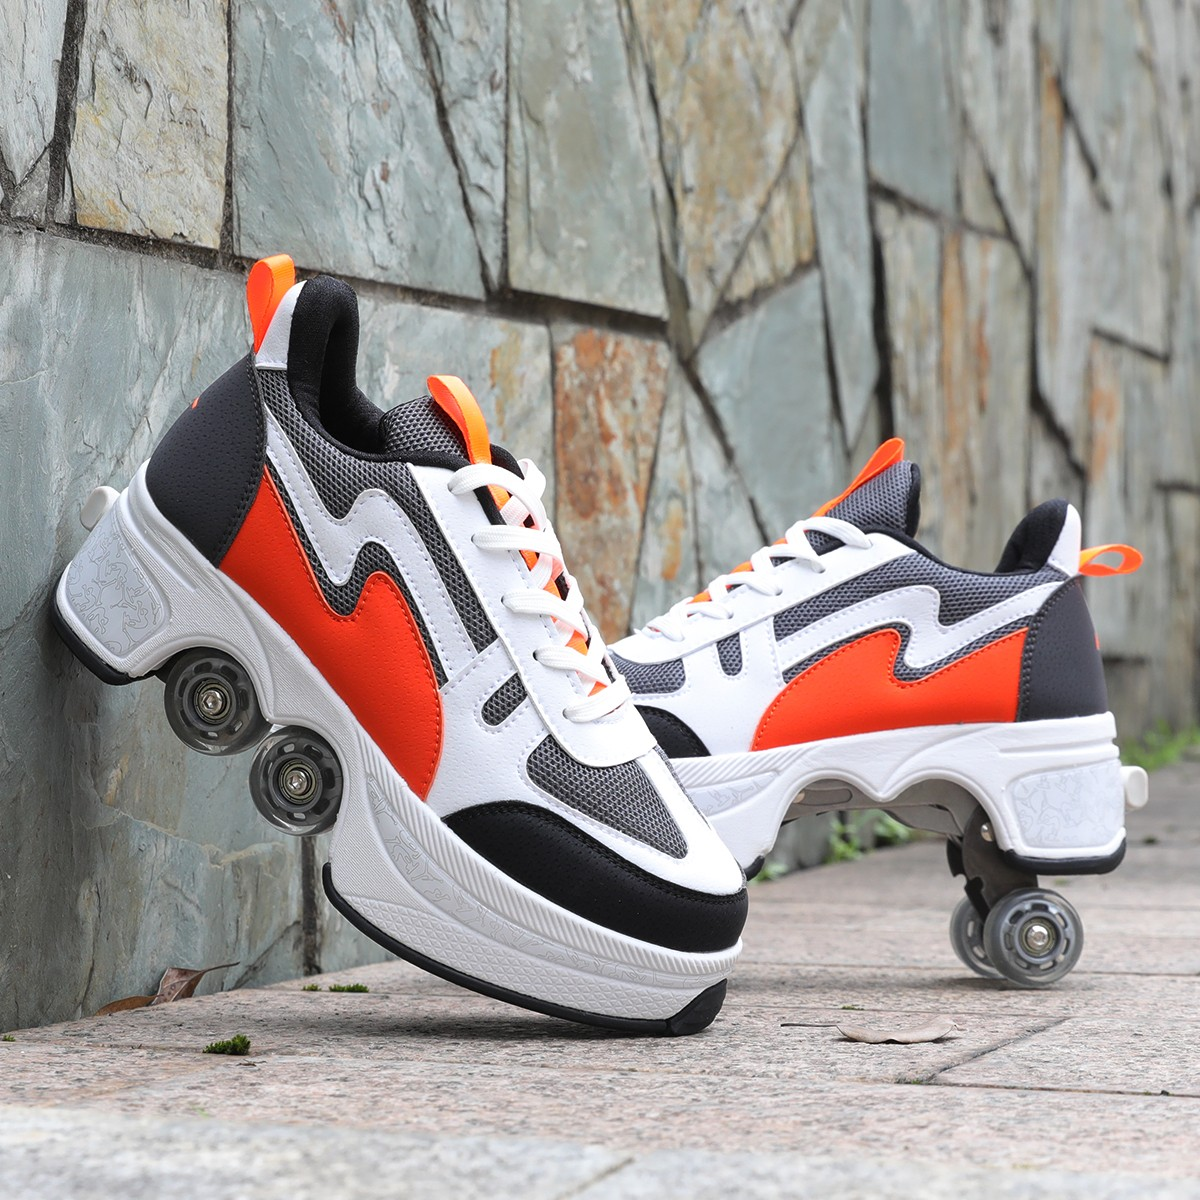 Кроссовки-ролики унисекс, повседневная обувь для мужчин и женщин, Трансформеры, четыре колеса, для пар